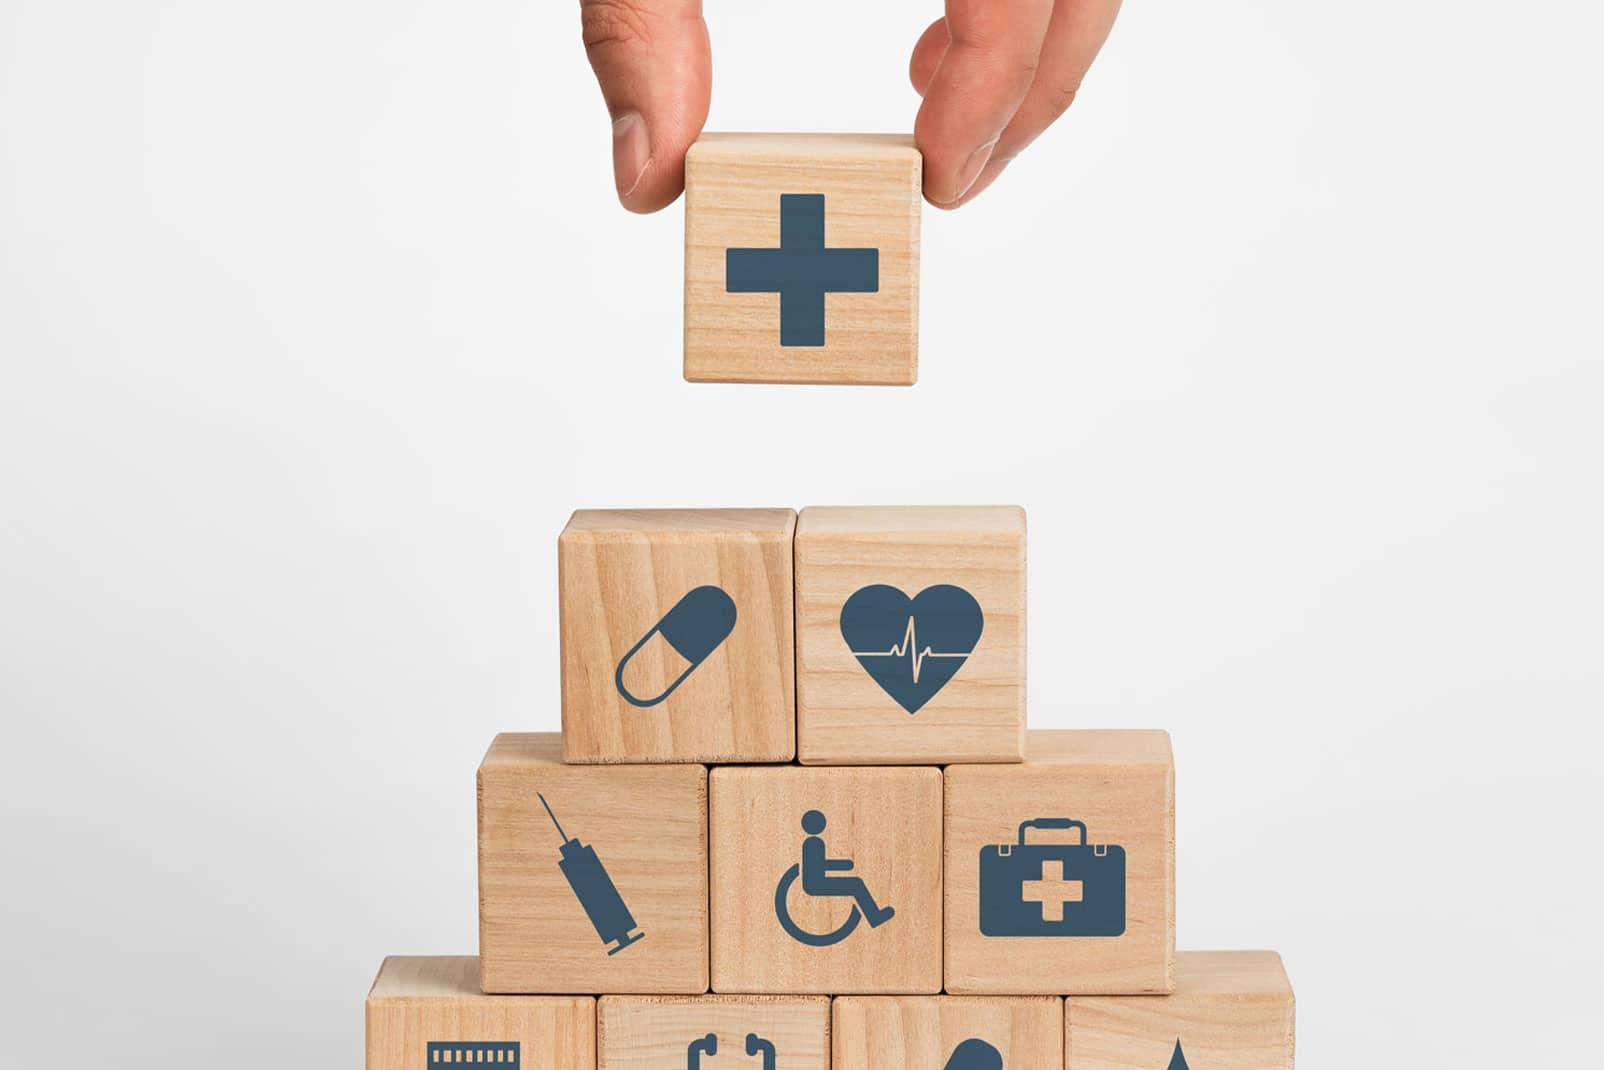 Bausteine mit Pflegesymbolen aufeinander gebaut